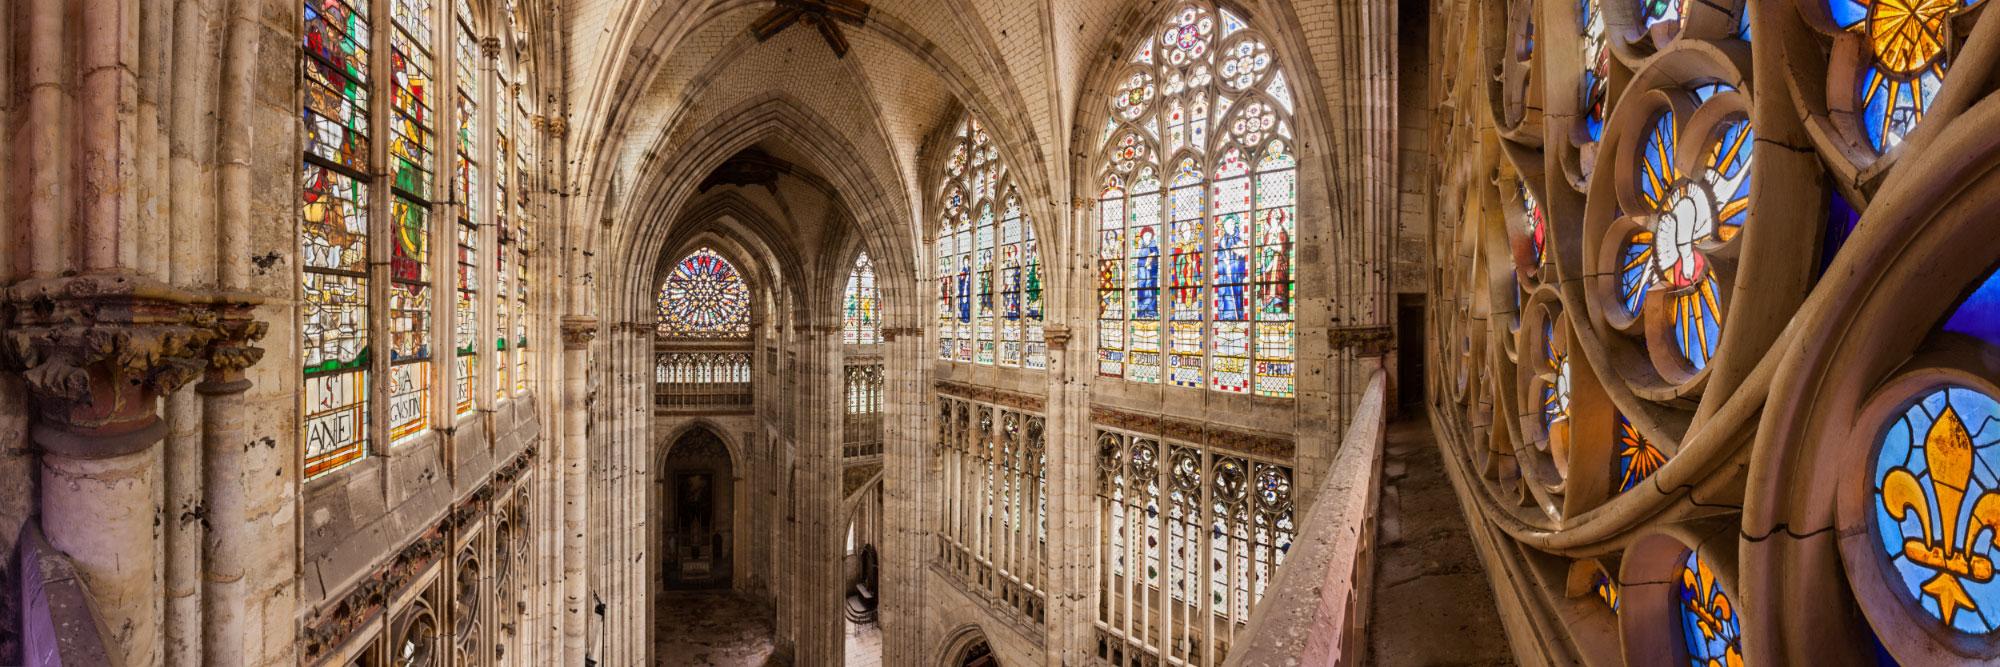 Vitraux perspective sur le transept de l 39 glise abbatiale de saint ouen - Agence saint ouen rouen ...